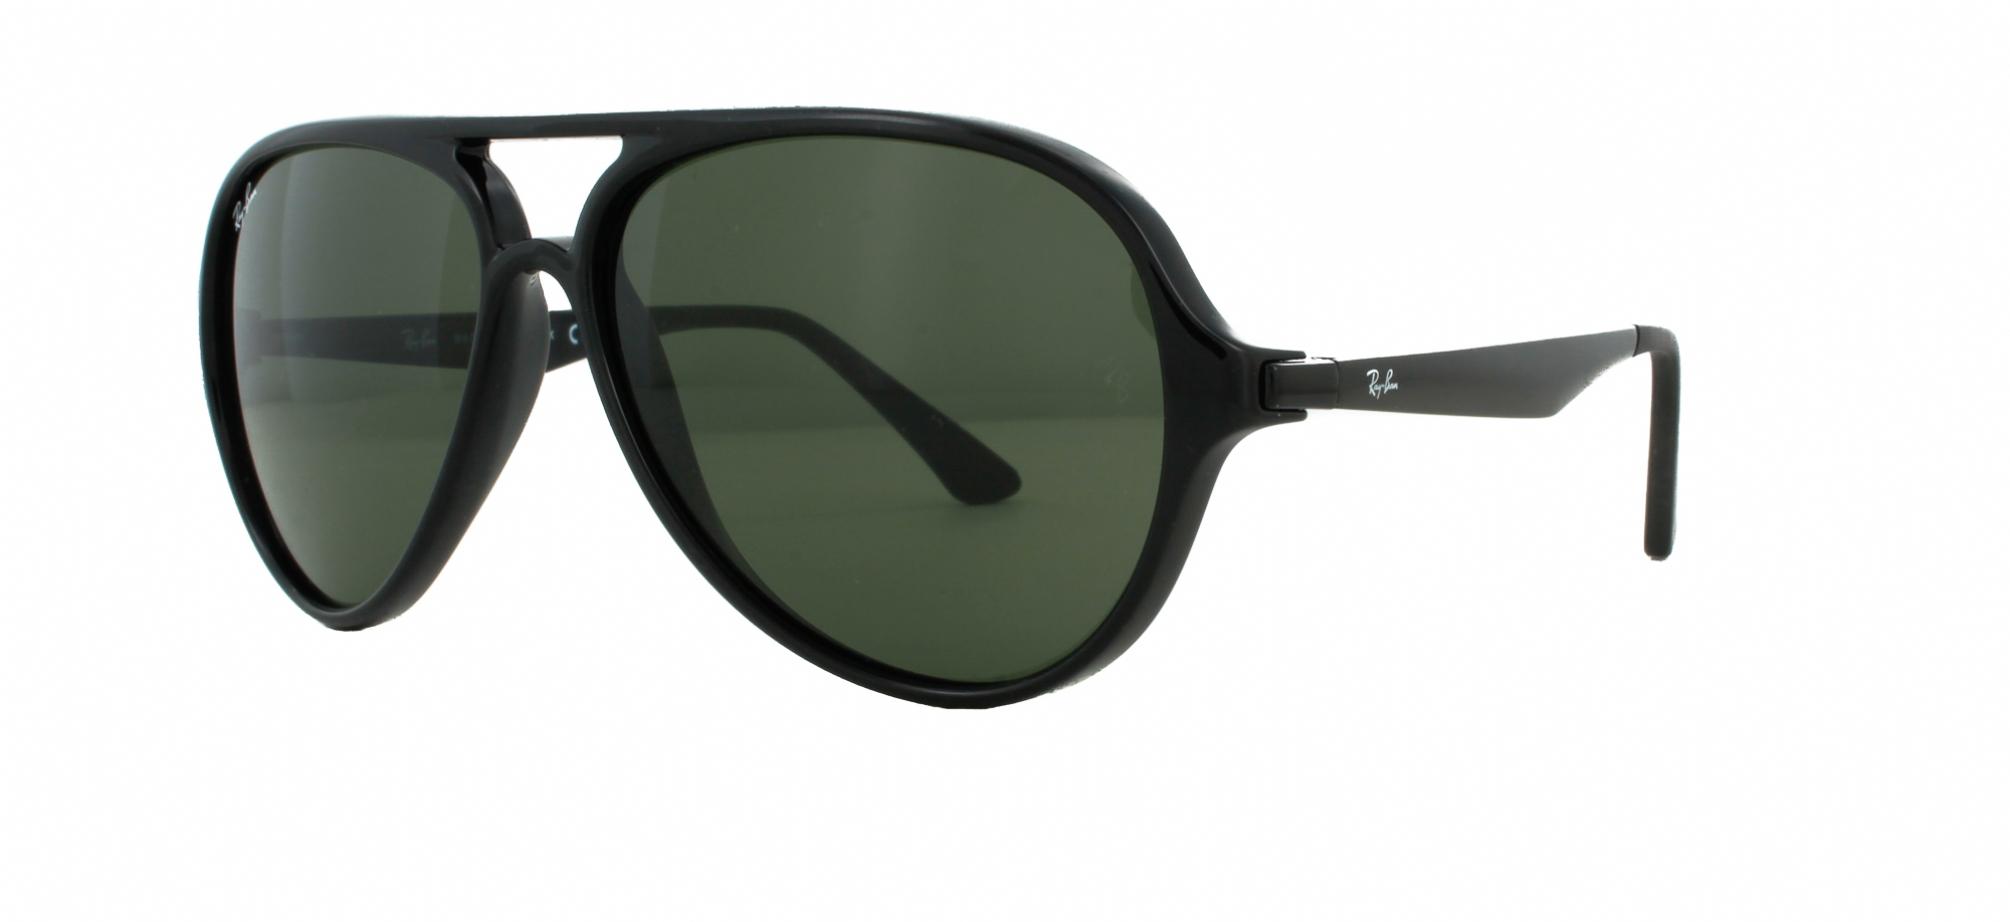 ray ban china sunglasses